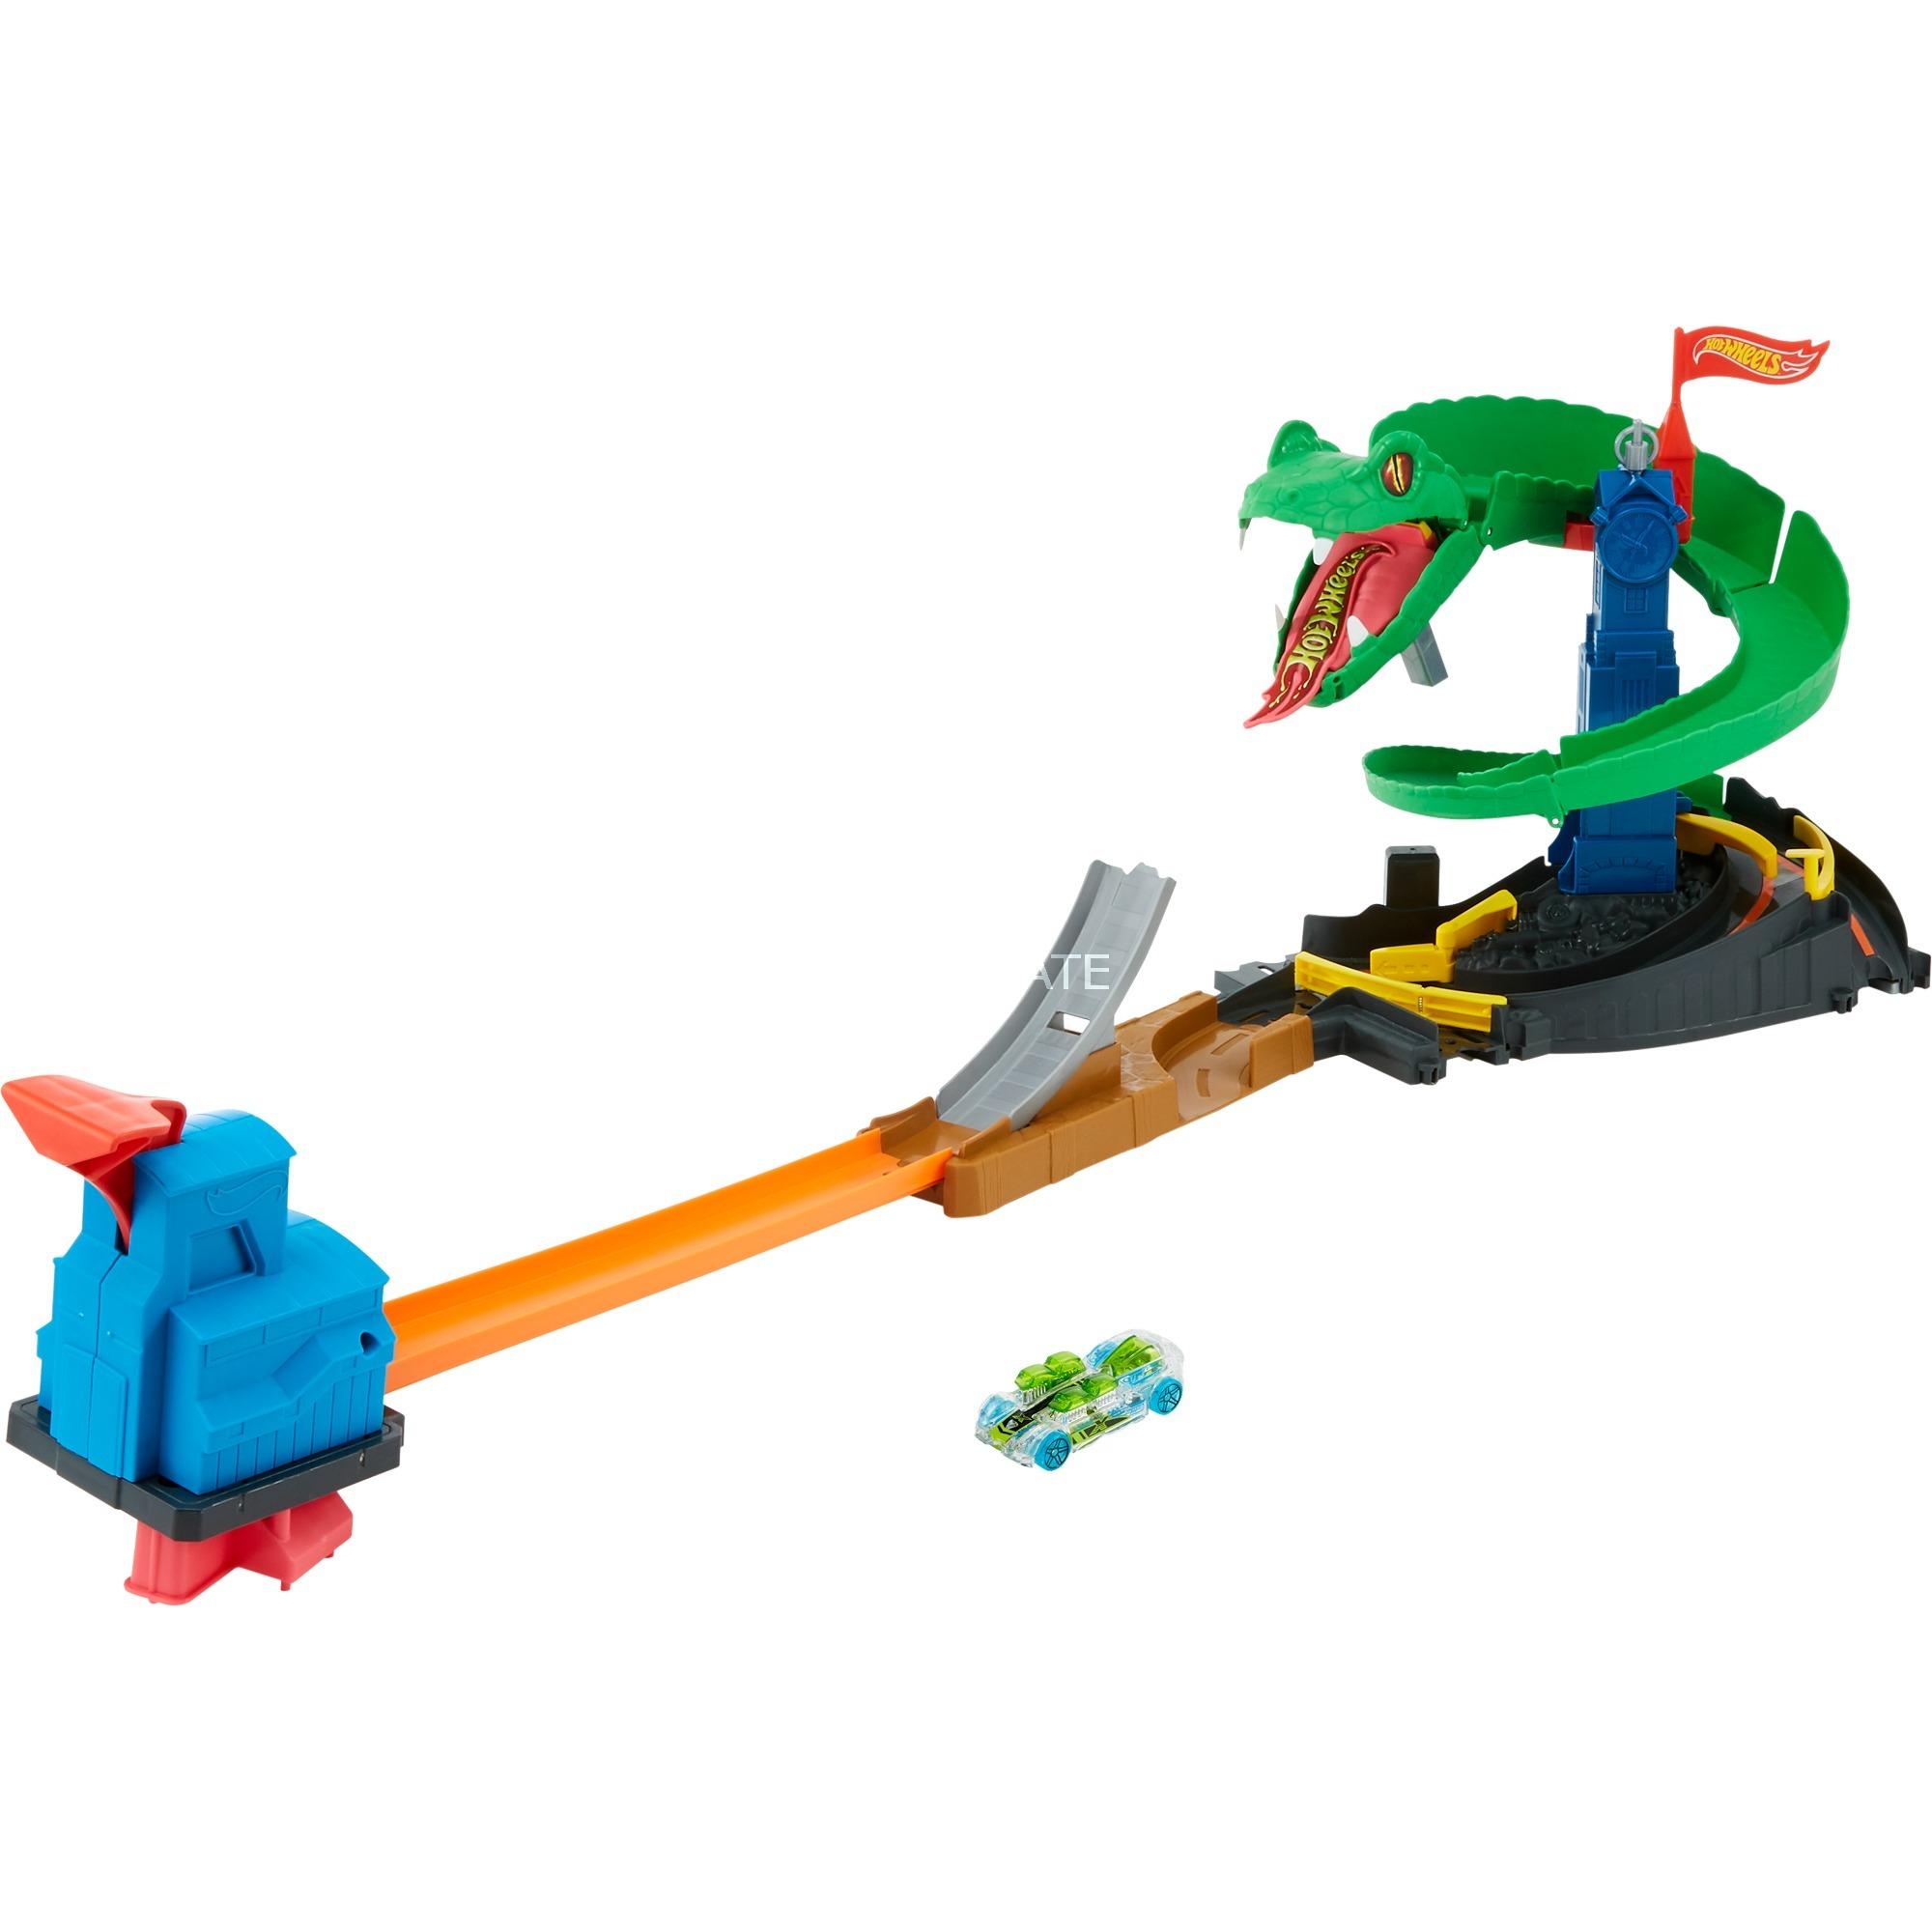 FNB20 piste de jouet électrique, Circuit